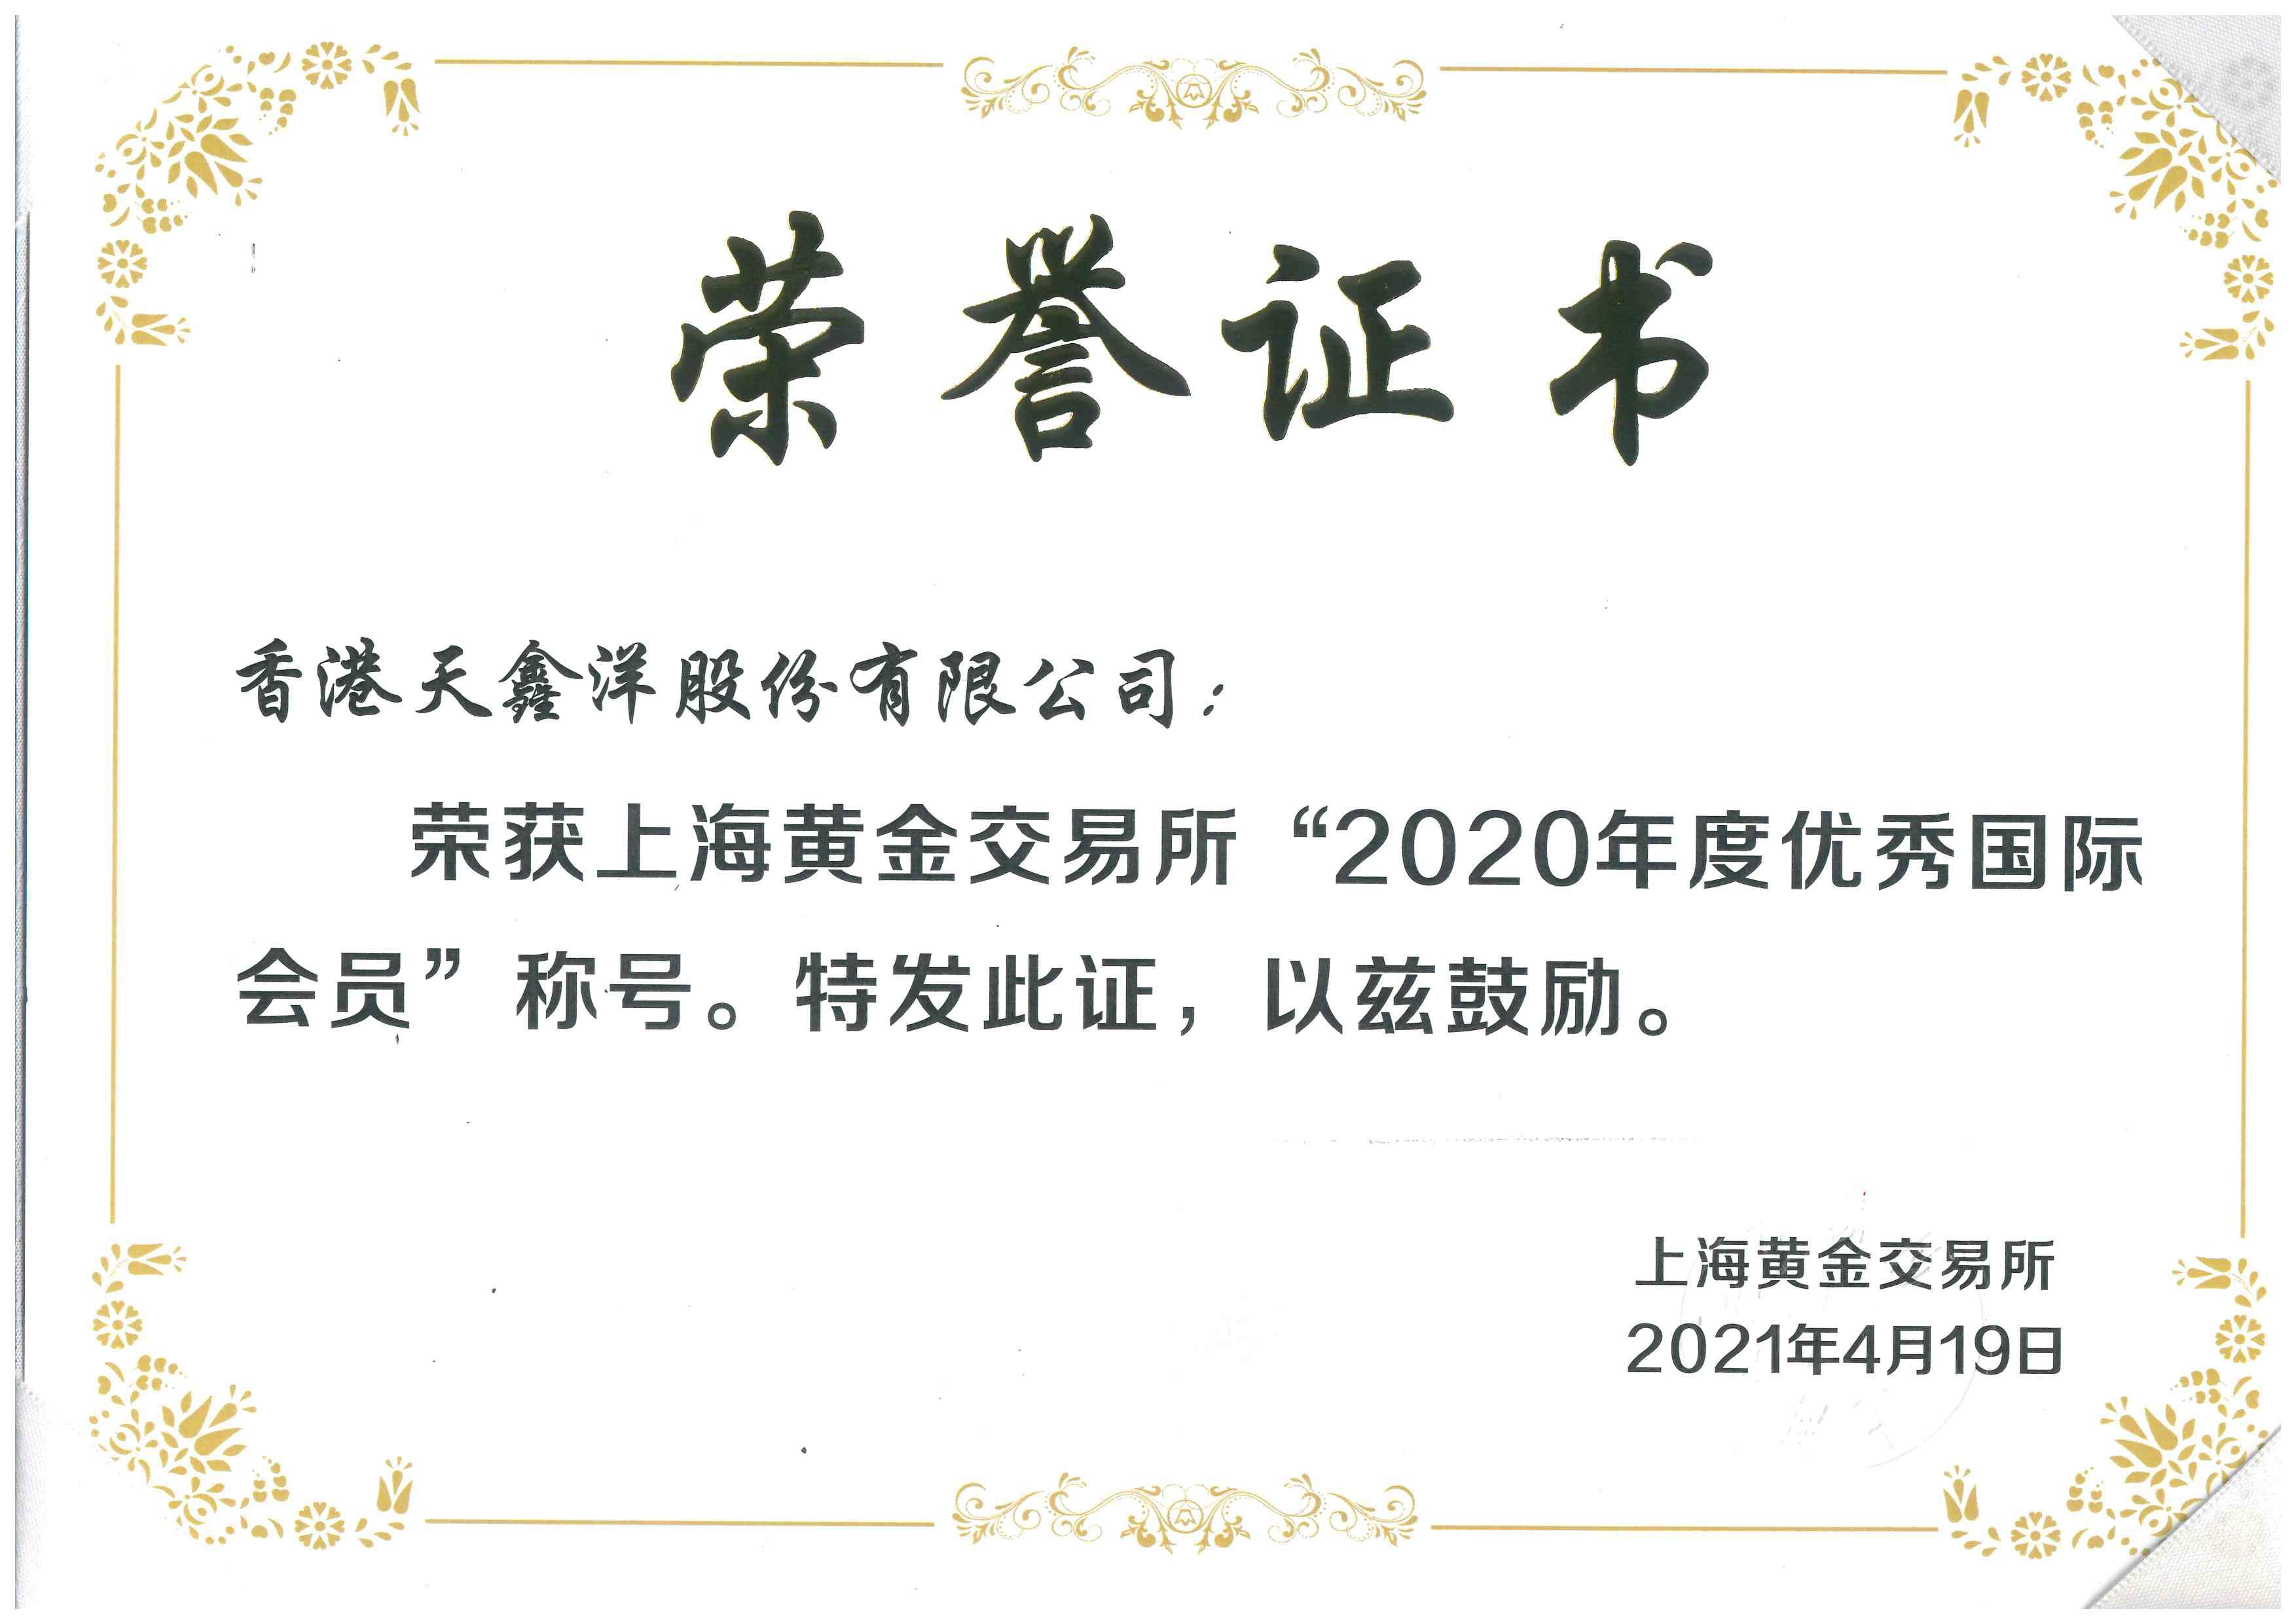 香港天鑫洋荣获上海黄金交易所年度表扬